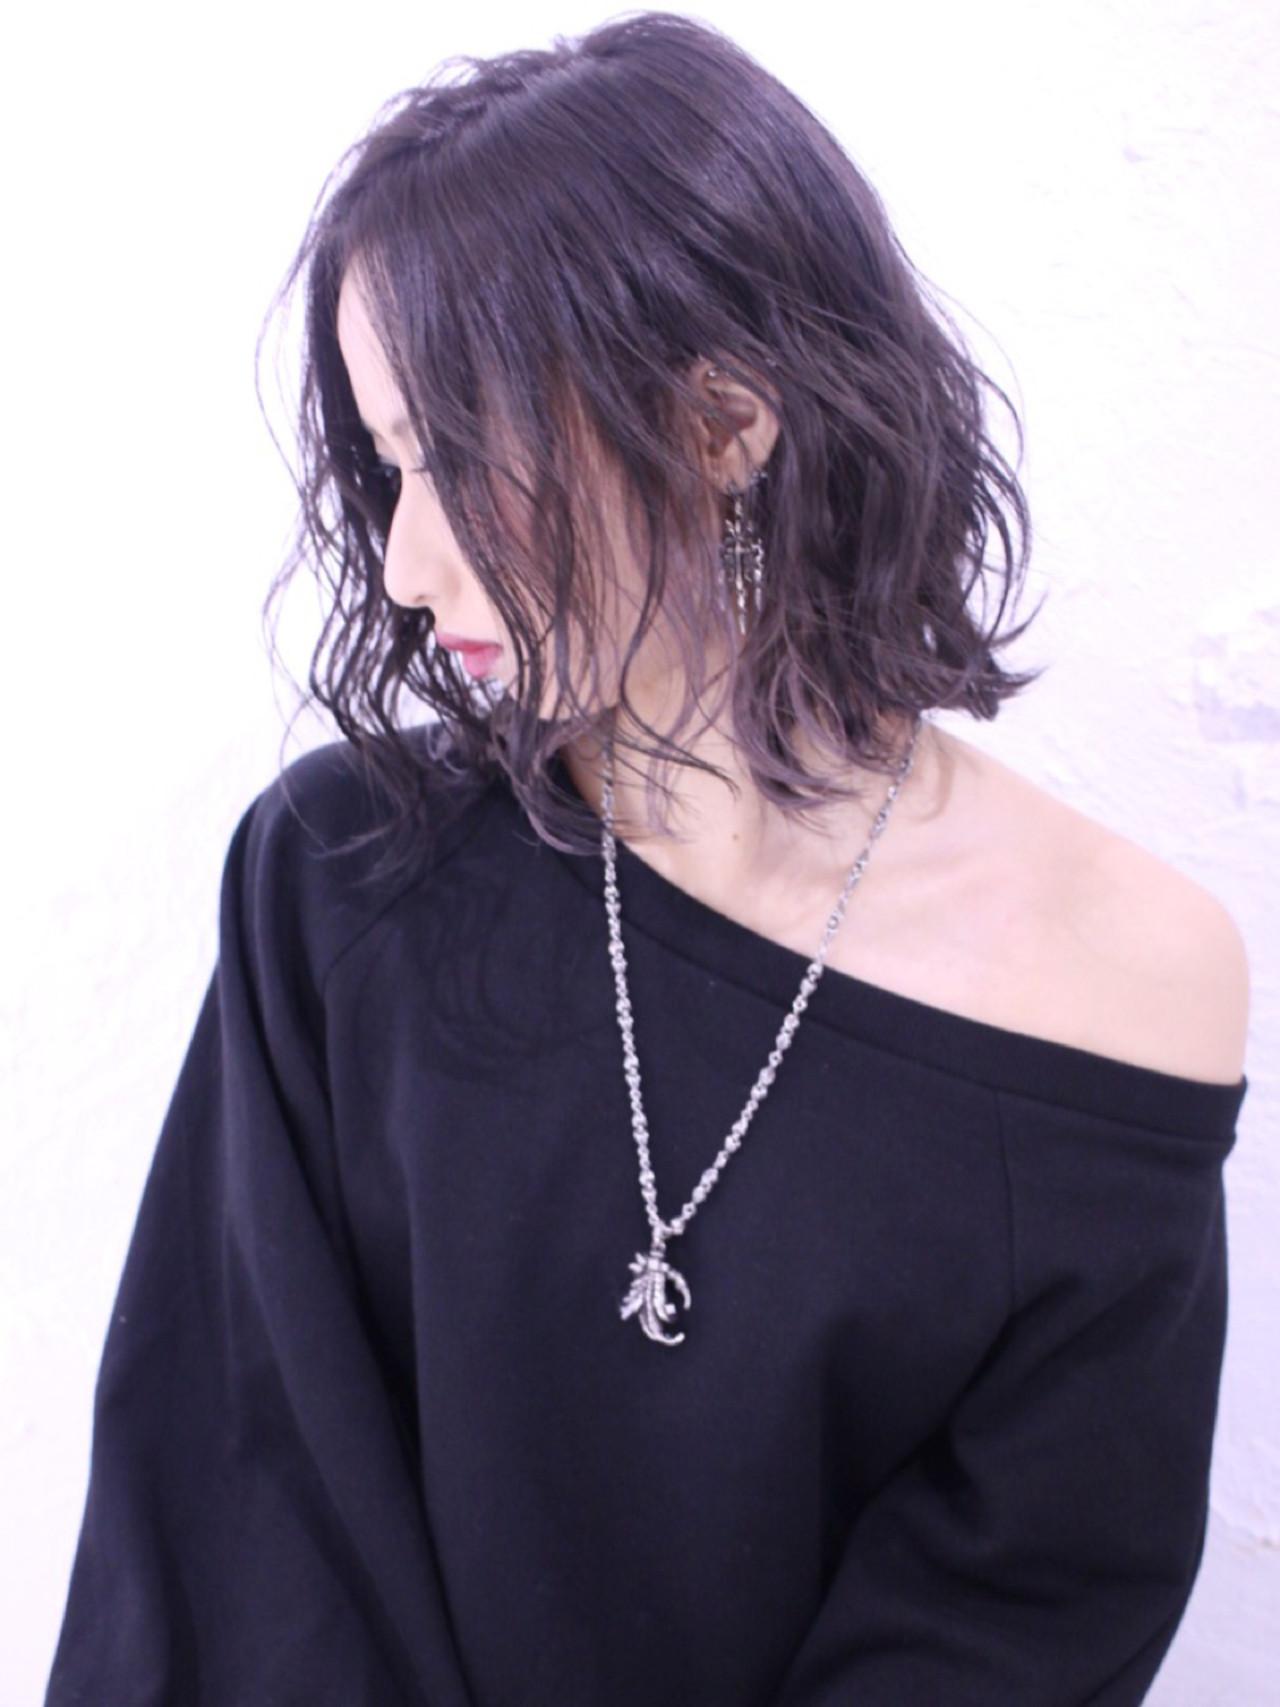 インナーカラー ミディアム アッシュ 暗髪 ヘアスタイルや髪型の写真・画像